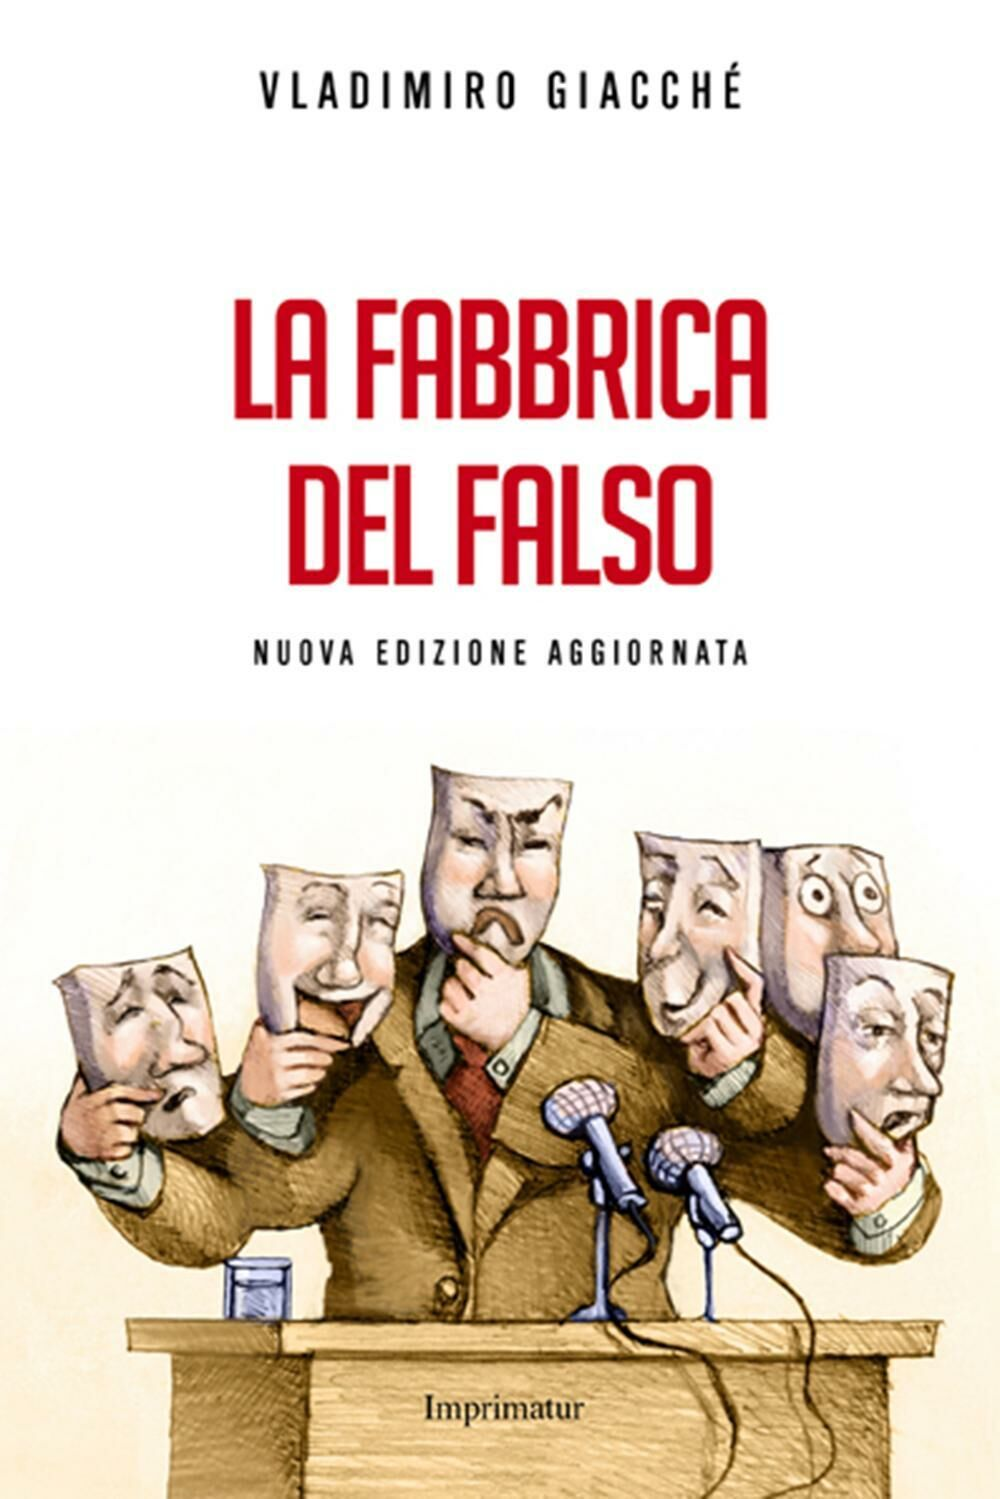 La fabbrica del falso